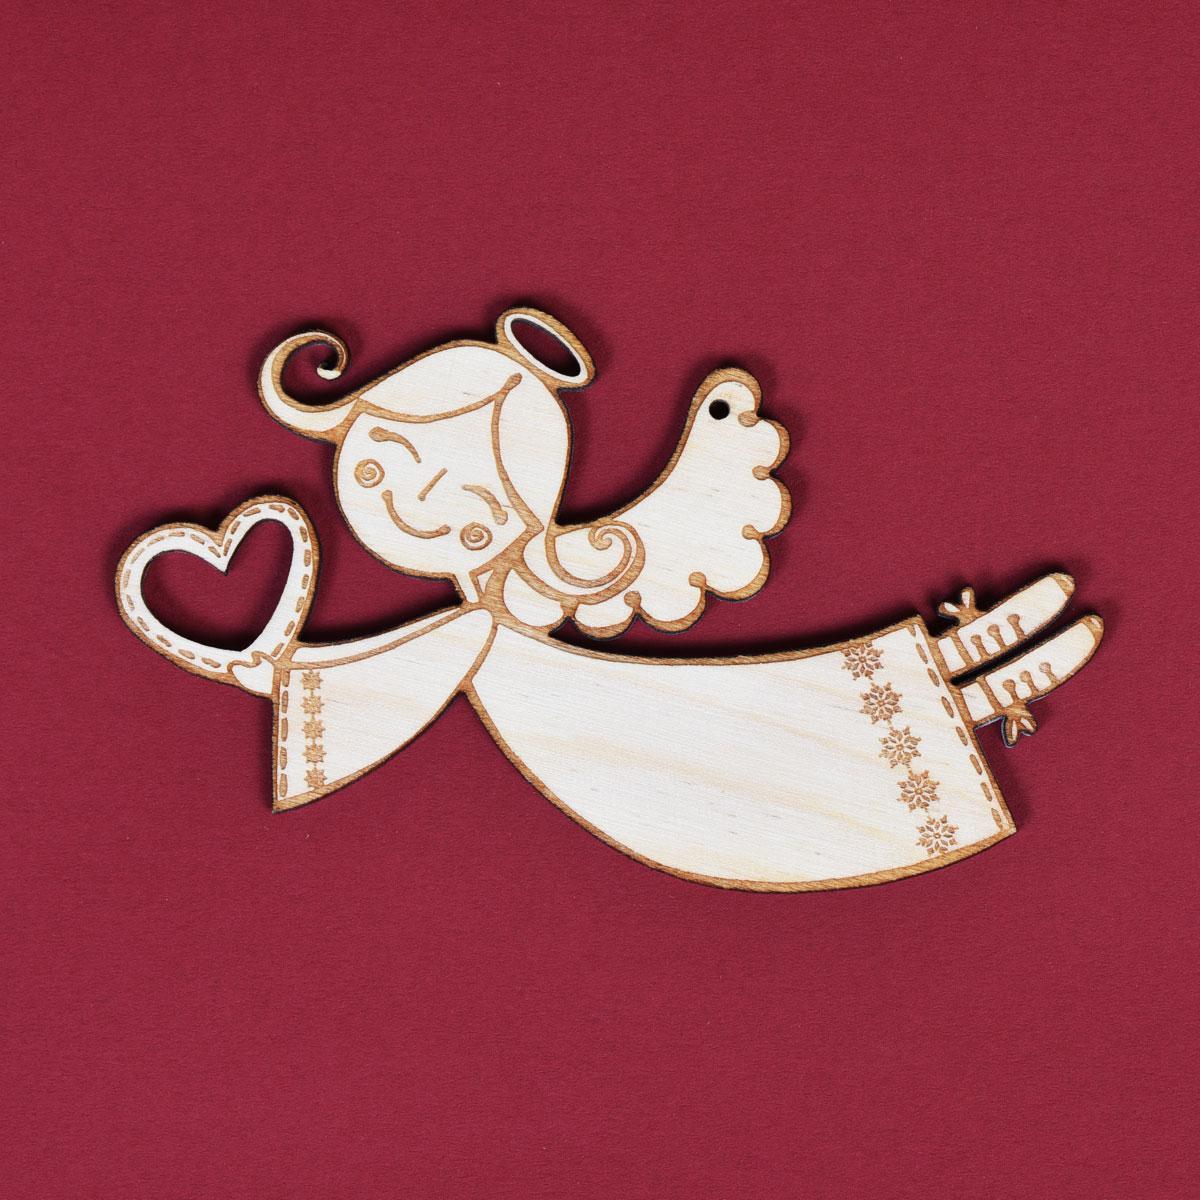 Підвісна іграшка - Дівчинка ангел з сердечком (IP-09)